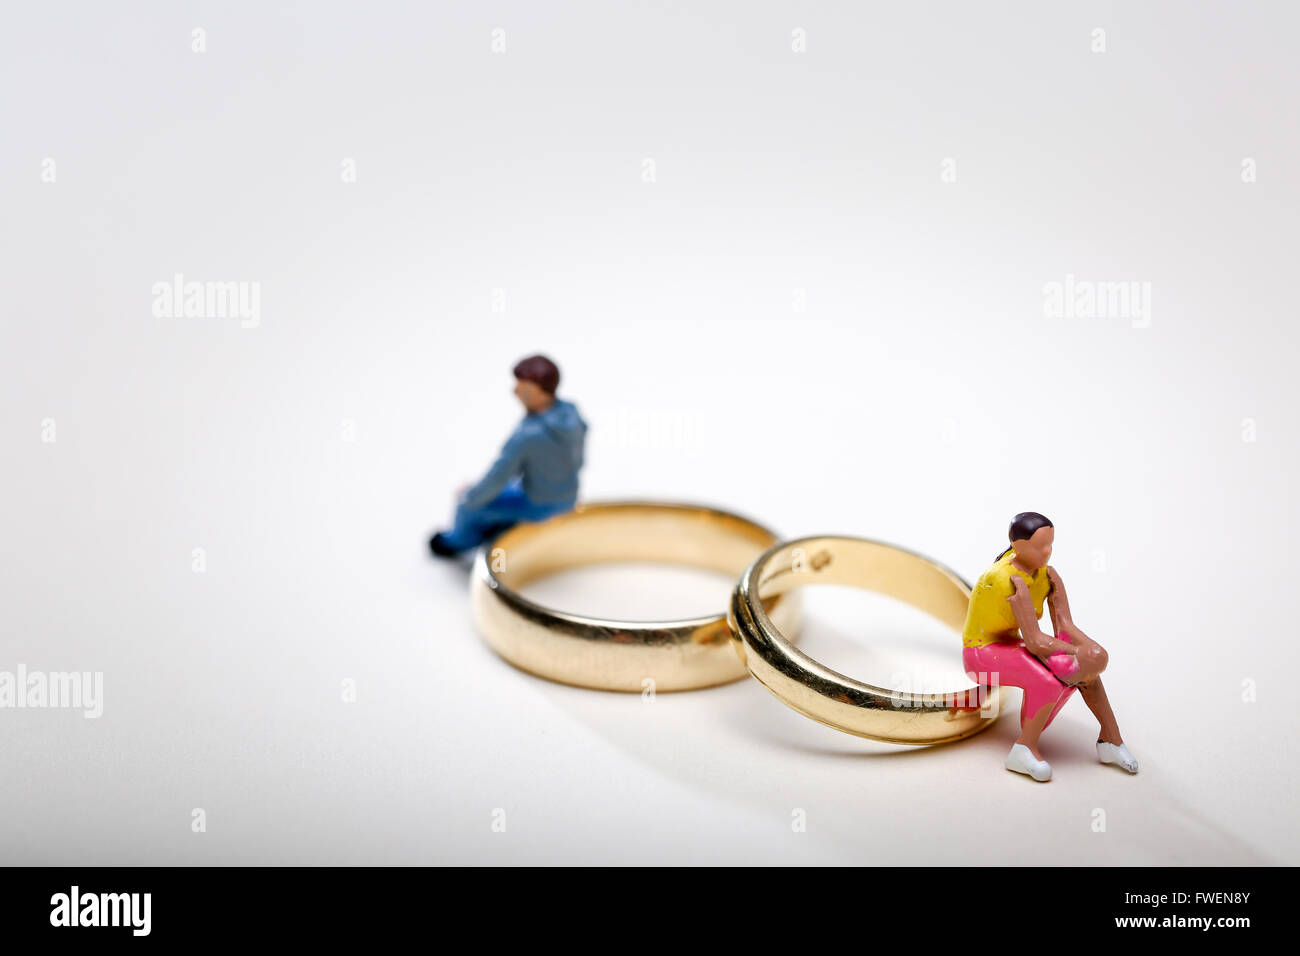 Concetto di immagine di un giovane seduto su anelli di nozze per illustrare il divorzio e la separazione Immagini Stock